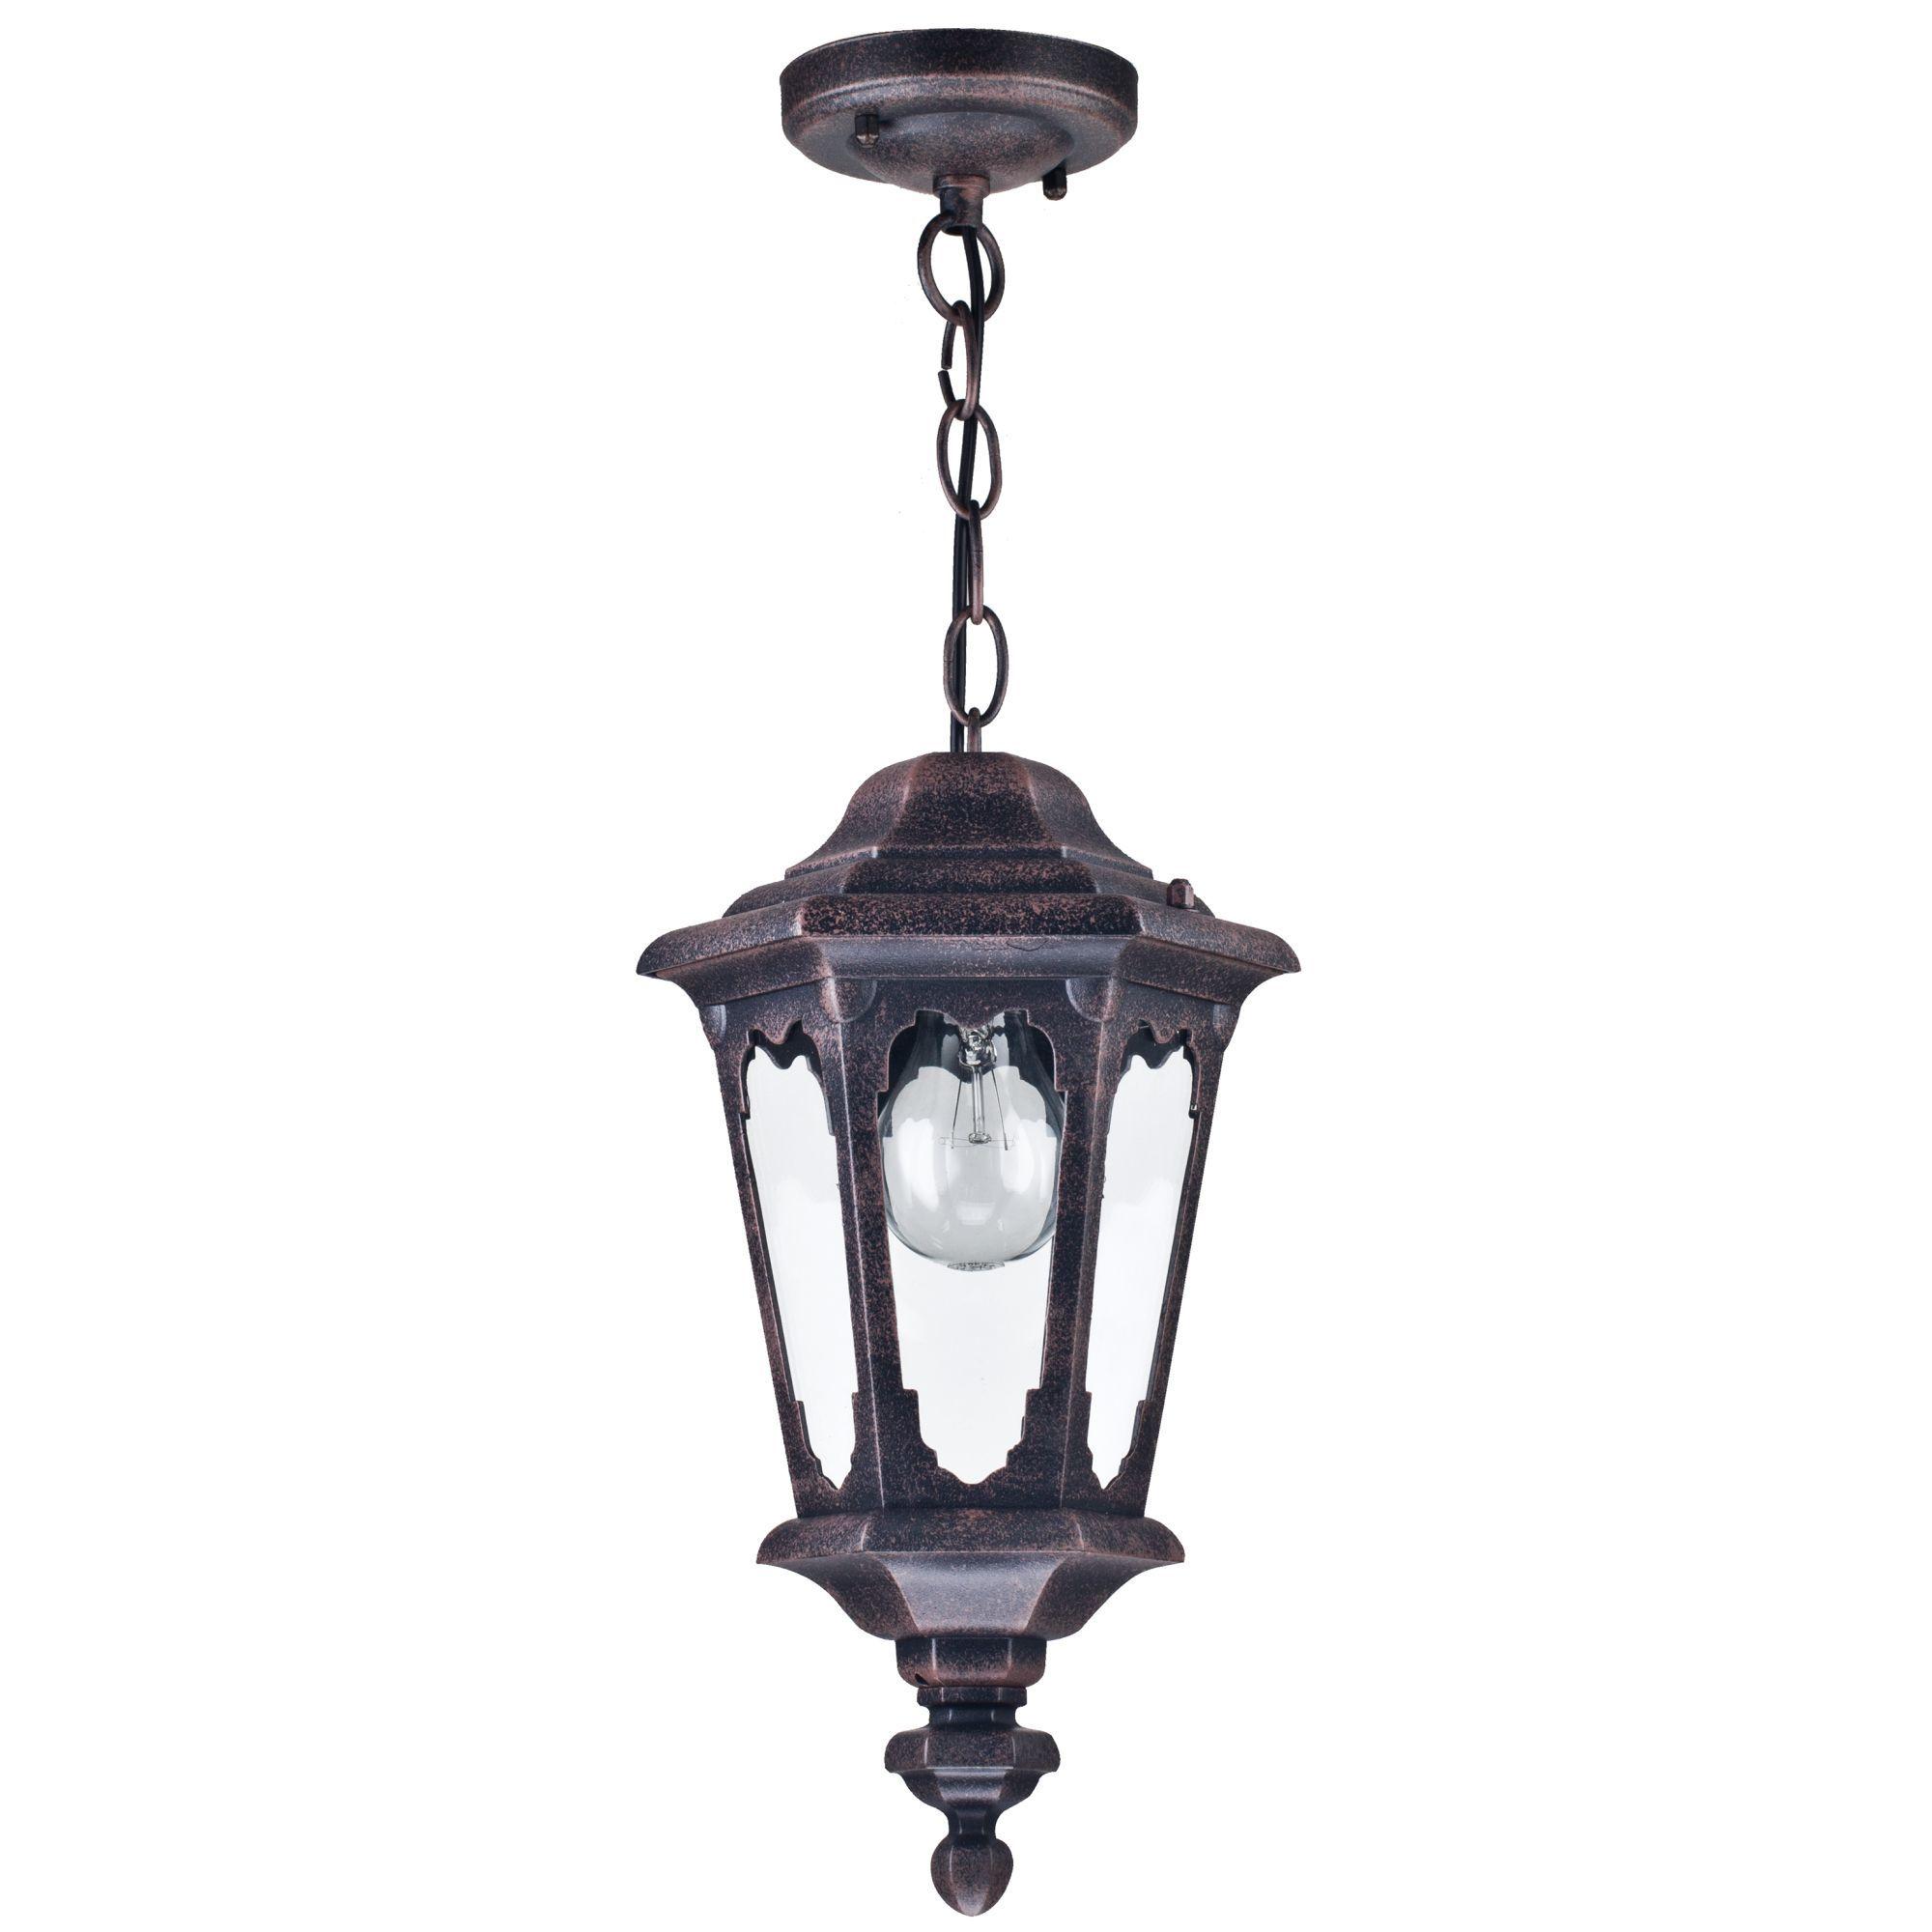 Подвесной светильник Maytoni Oxford S101-10-41-B, IP44, 1xE27x60W, черный, прозрачный, металл, металл со стеклом - фото 2